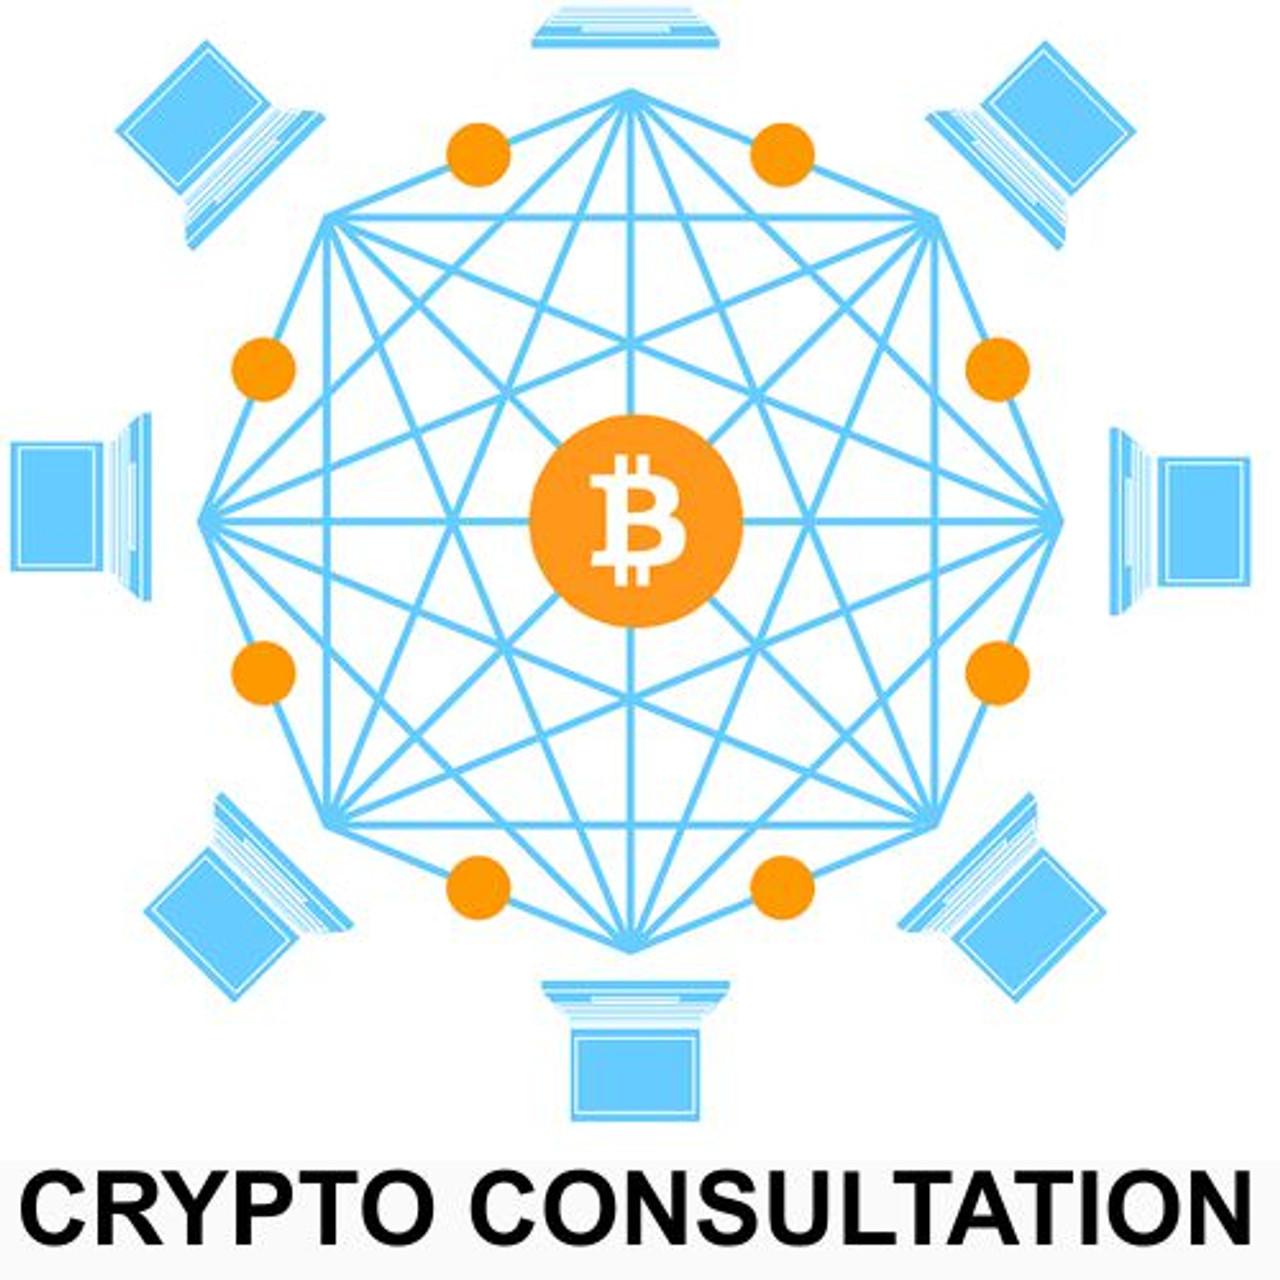 Crypto Consultation